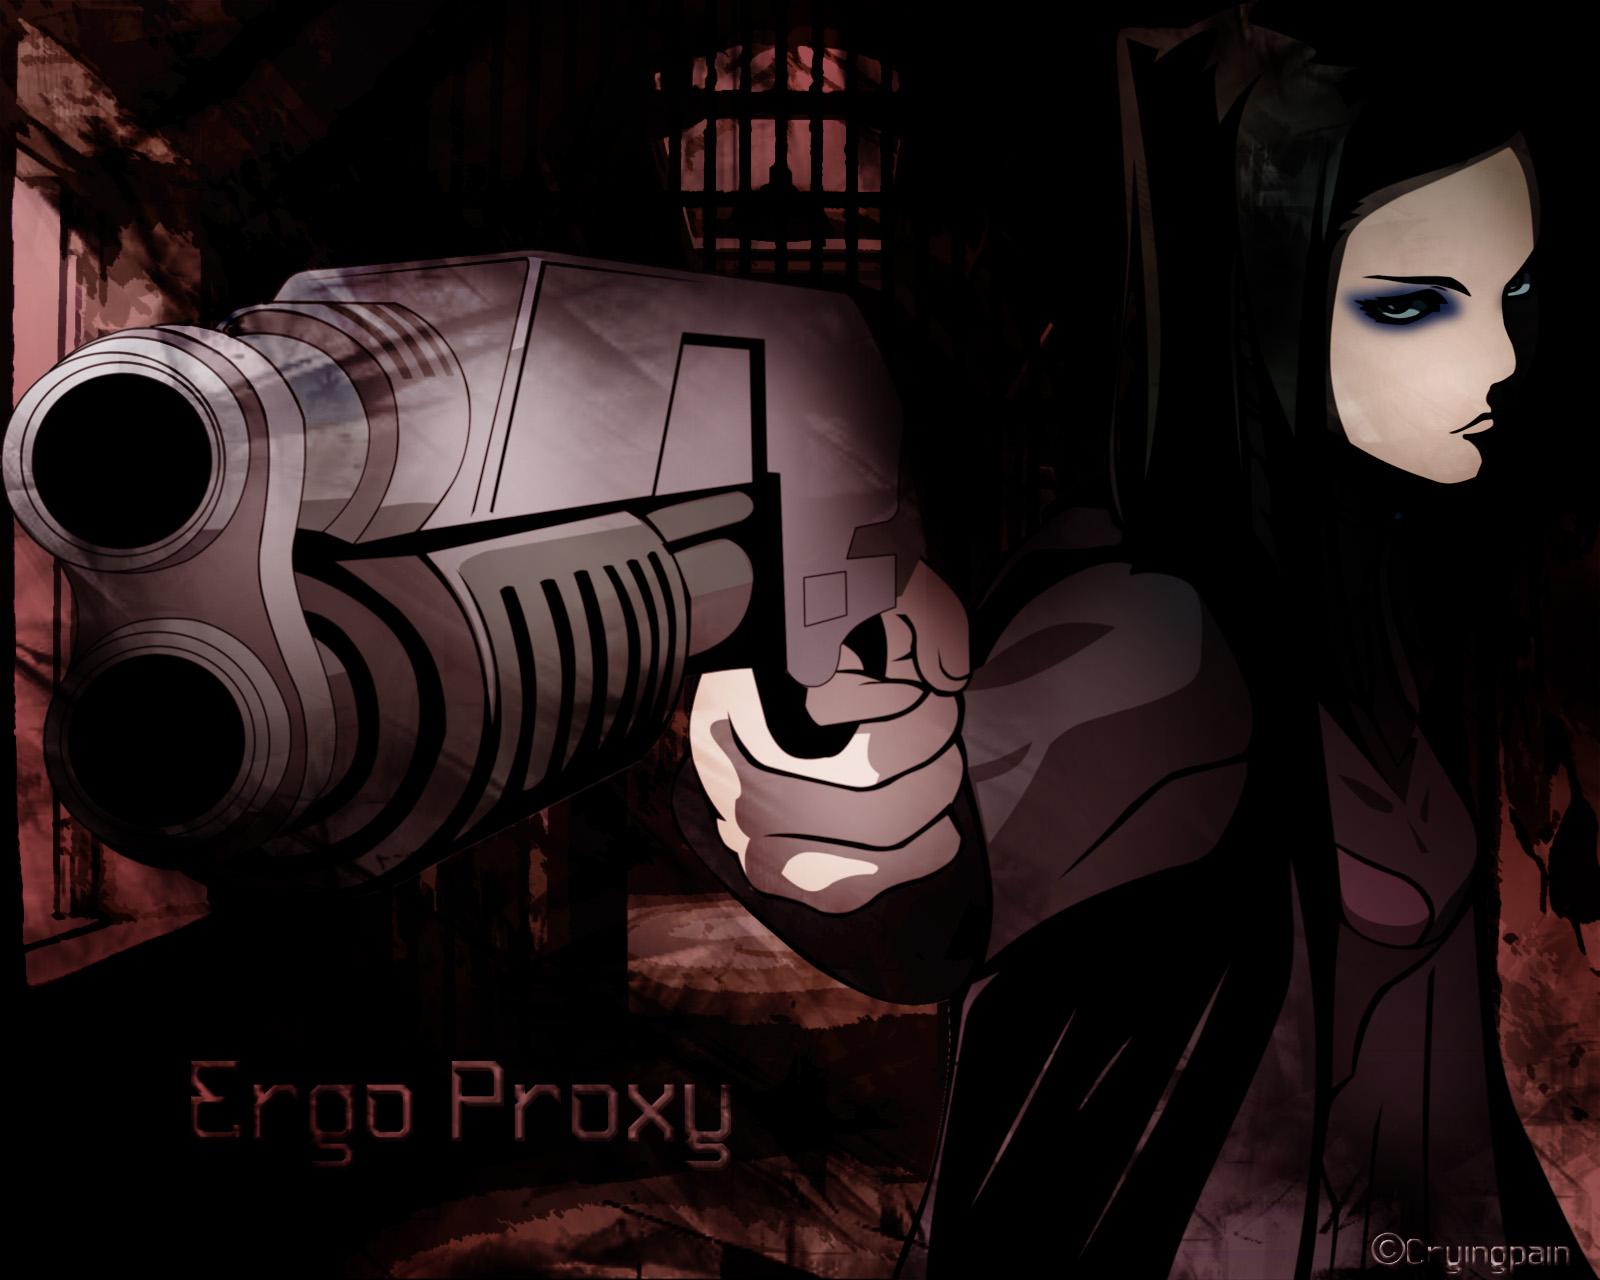 http://4.bp.blogspot.com/-hdhJGTTHxTU/TfLEF5nHdGI/AAAAAAAABIw/u0J3Ms4aOyQ/s1600/Ergo_Proxy_by_cryingpain.jpg